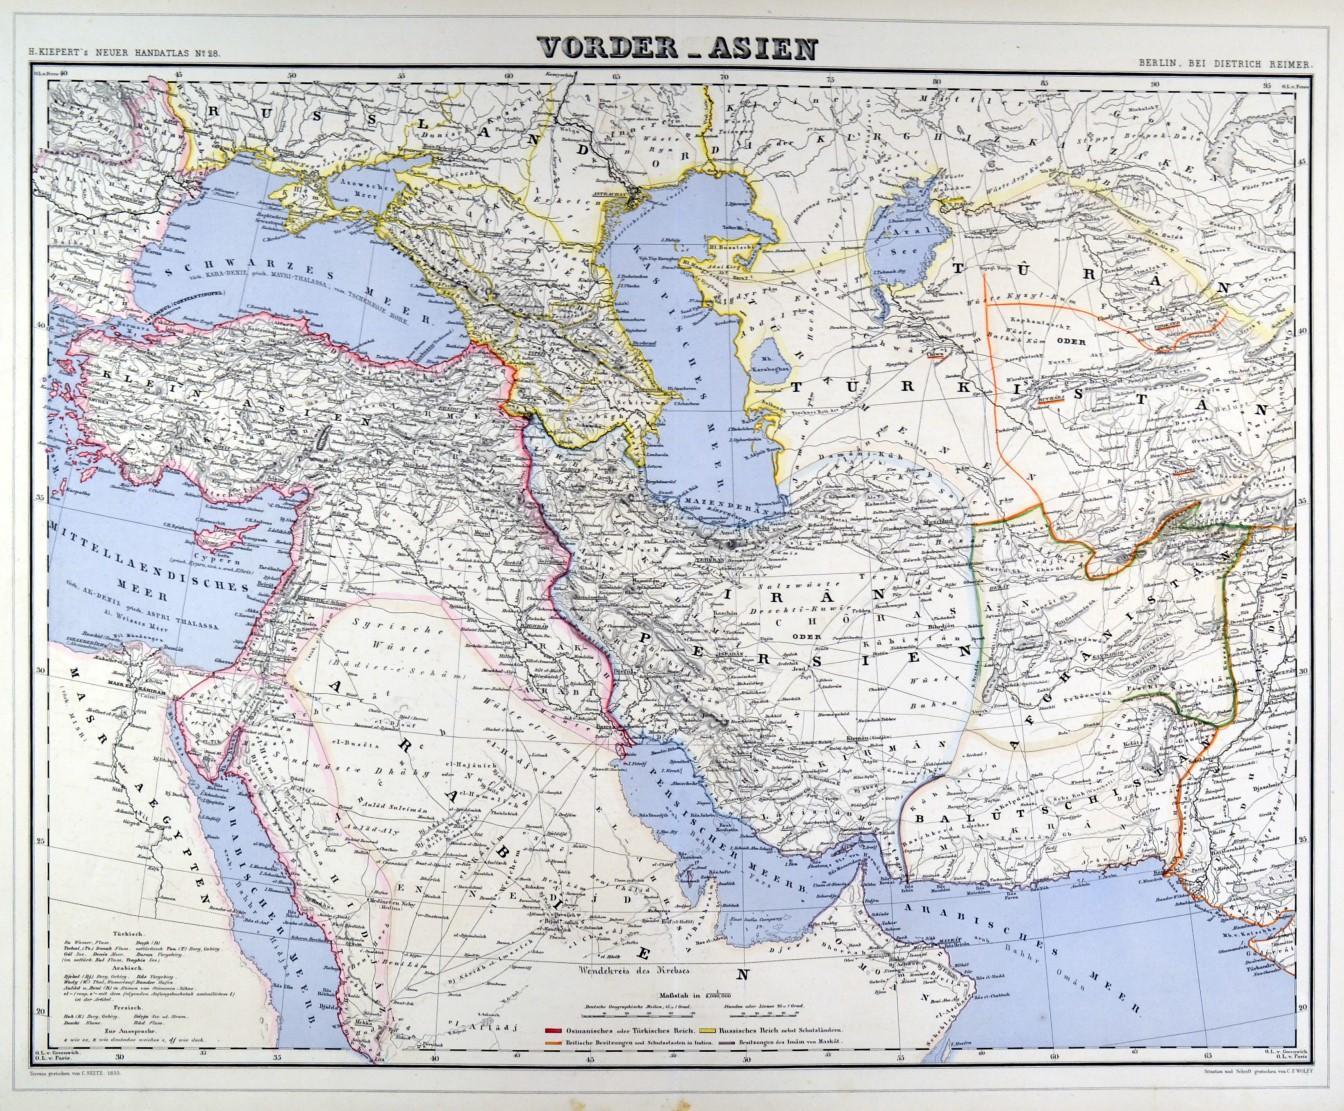 Persien Karte.Vorderasien Türkei Und Persien Karte